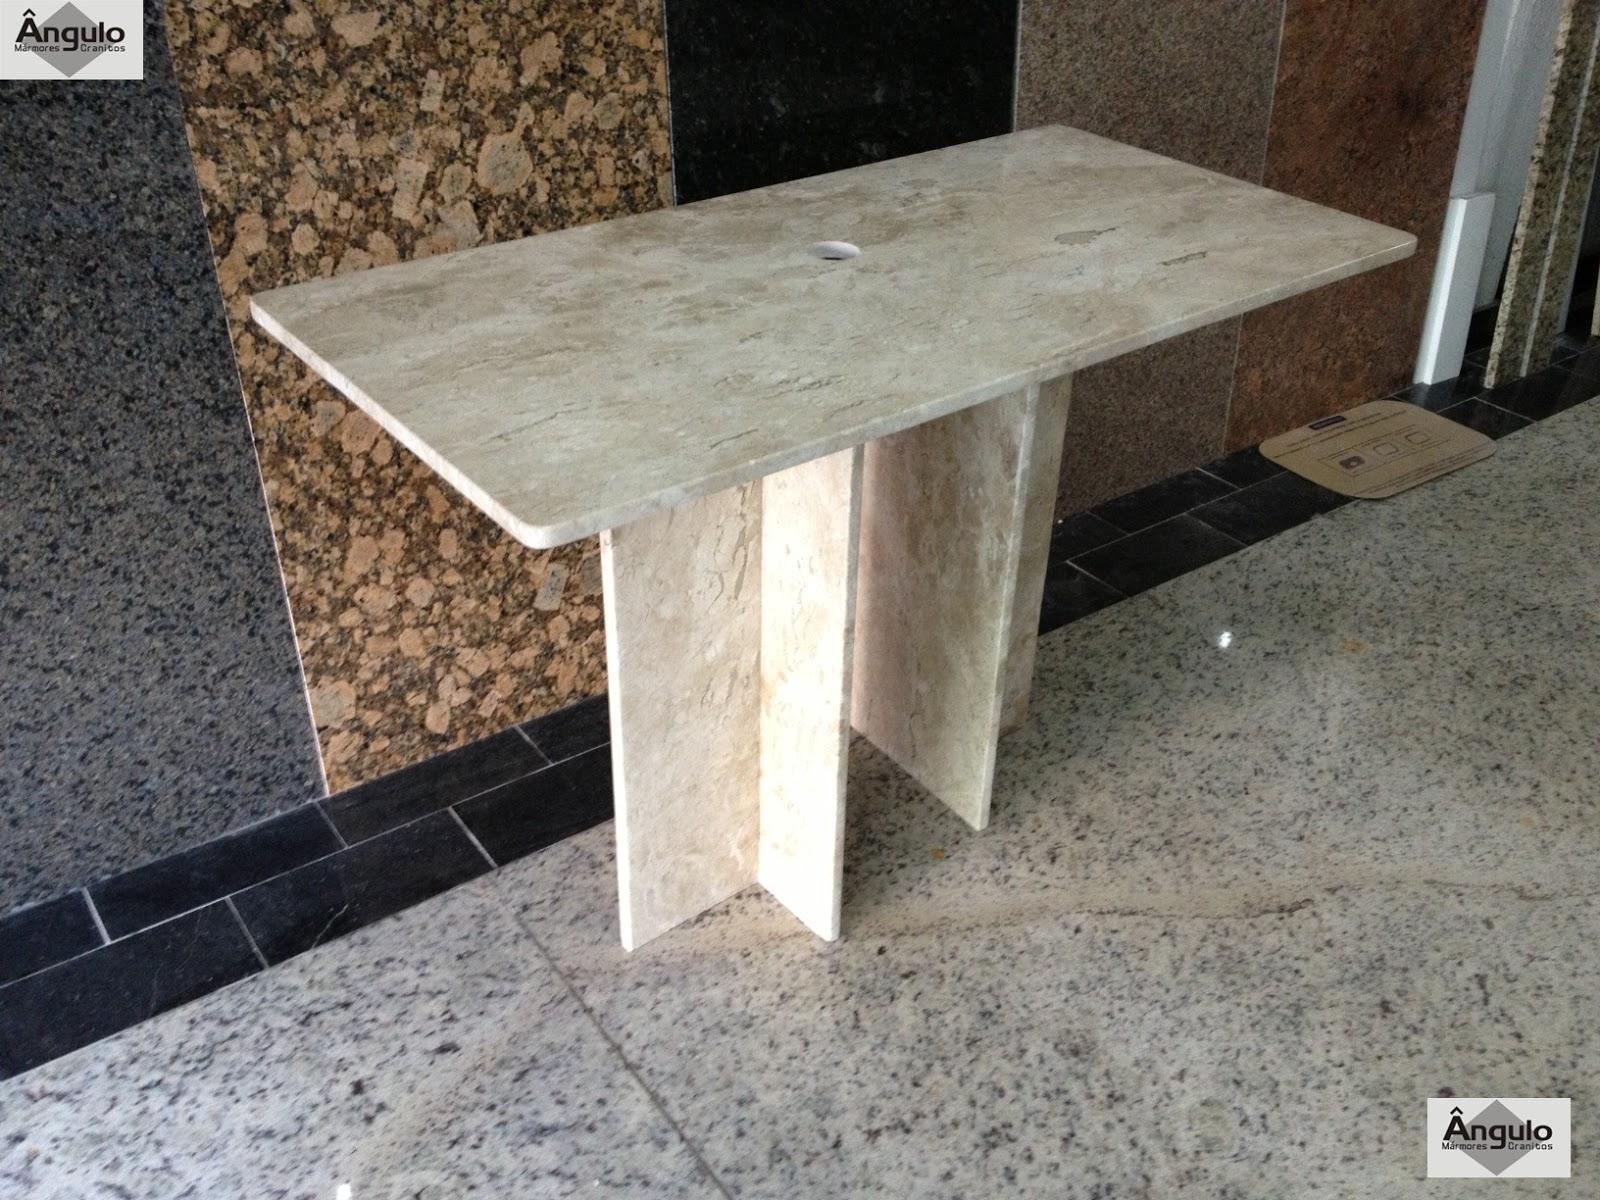 Ngulo m rmores e granitos mesas e bases - Mesa de granito ...